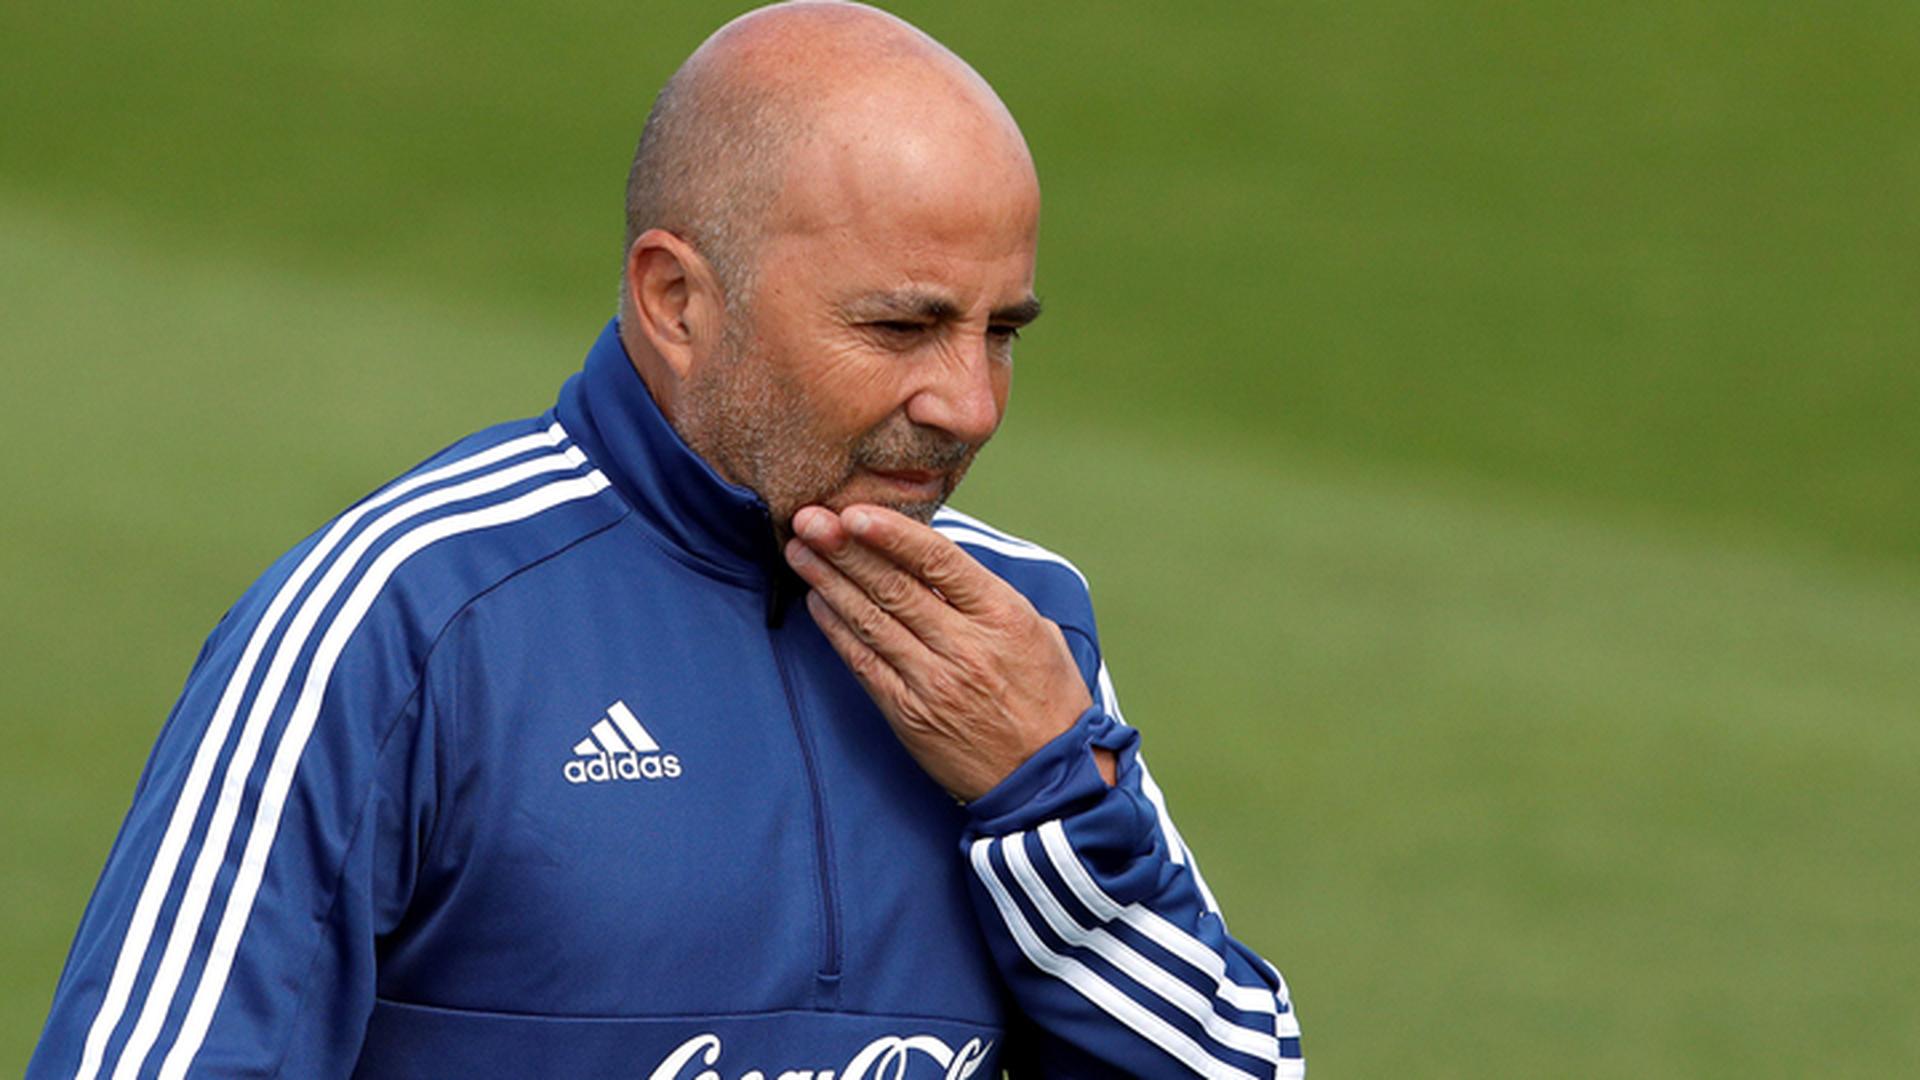 СМИ узнали оскорой отставке тренера сборной Аргентины